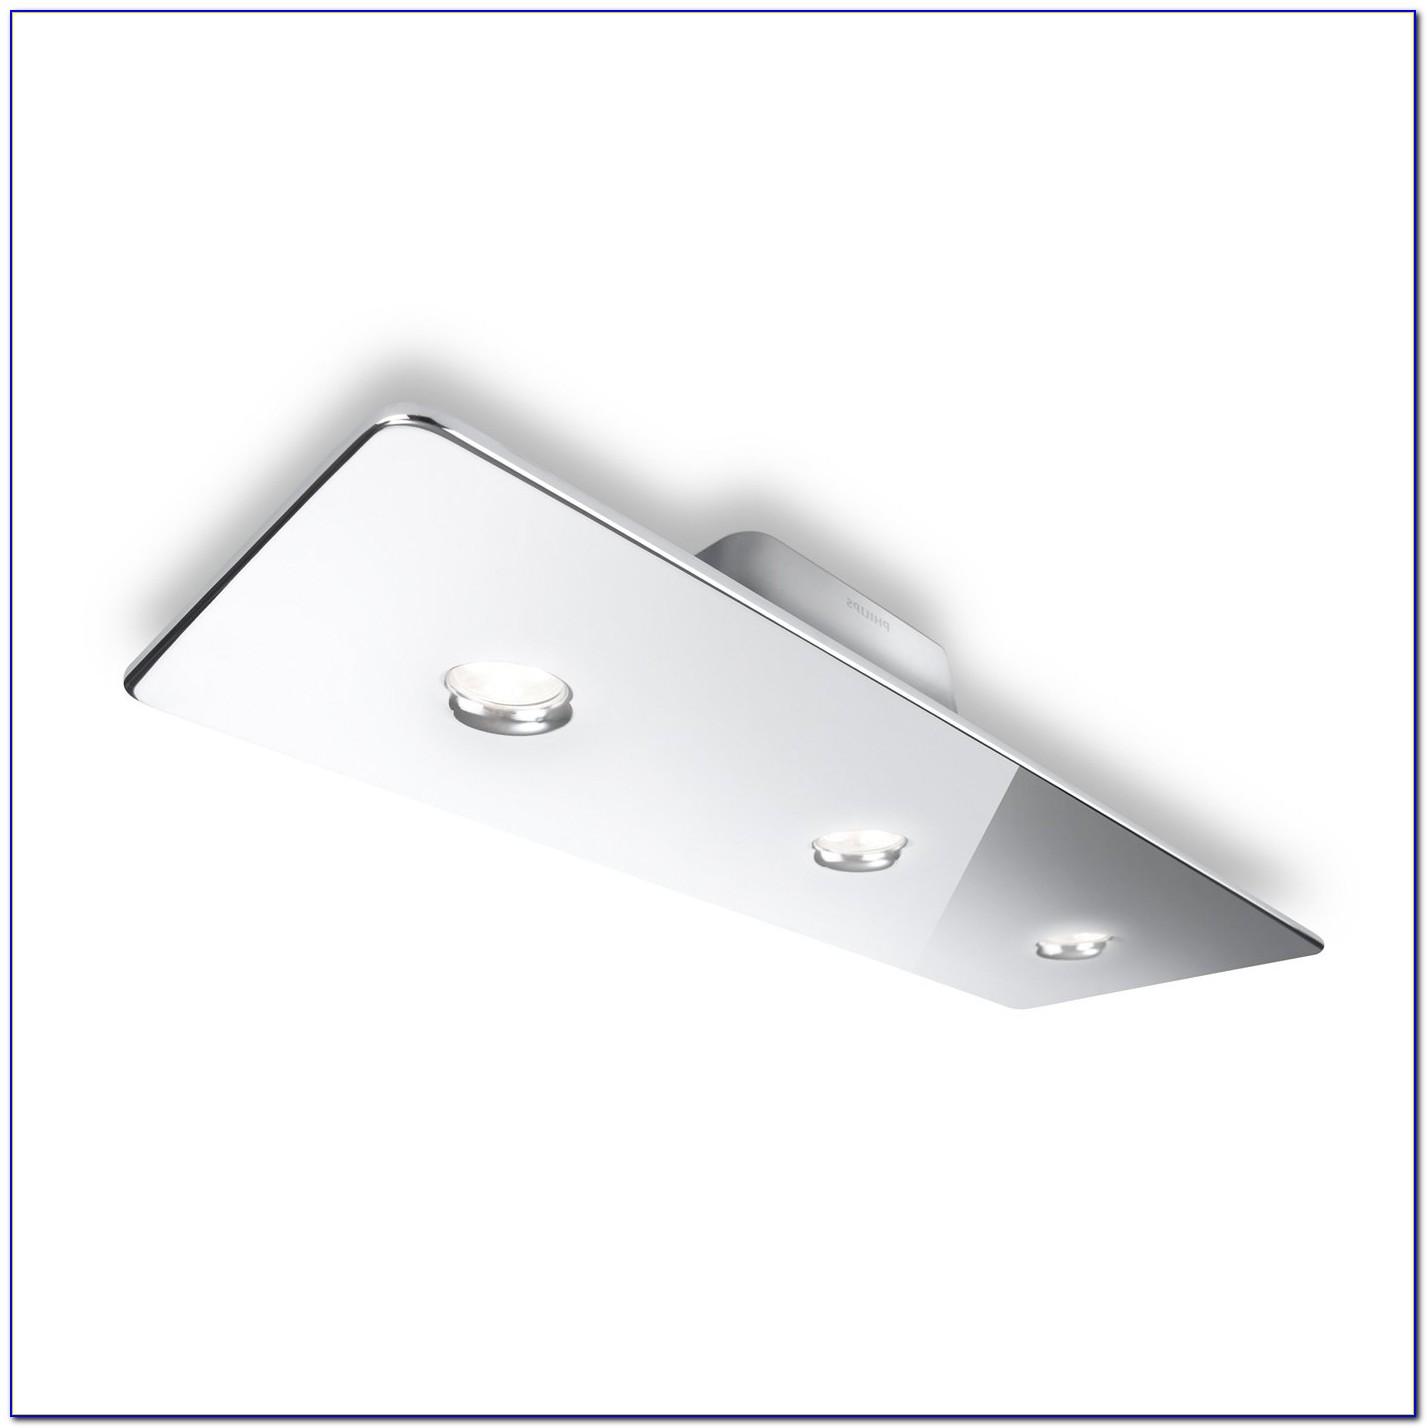 Philips Ledino Led Ceiling Lamp